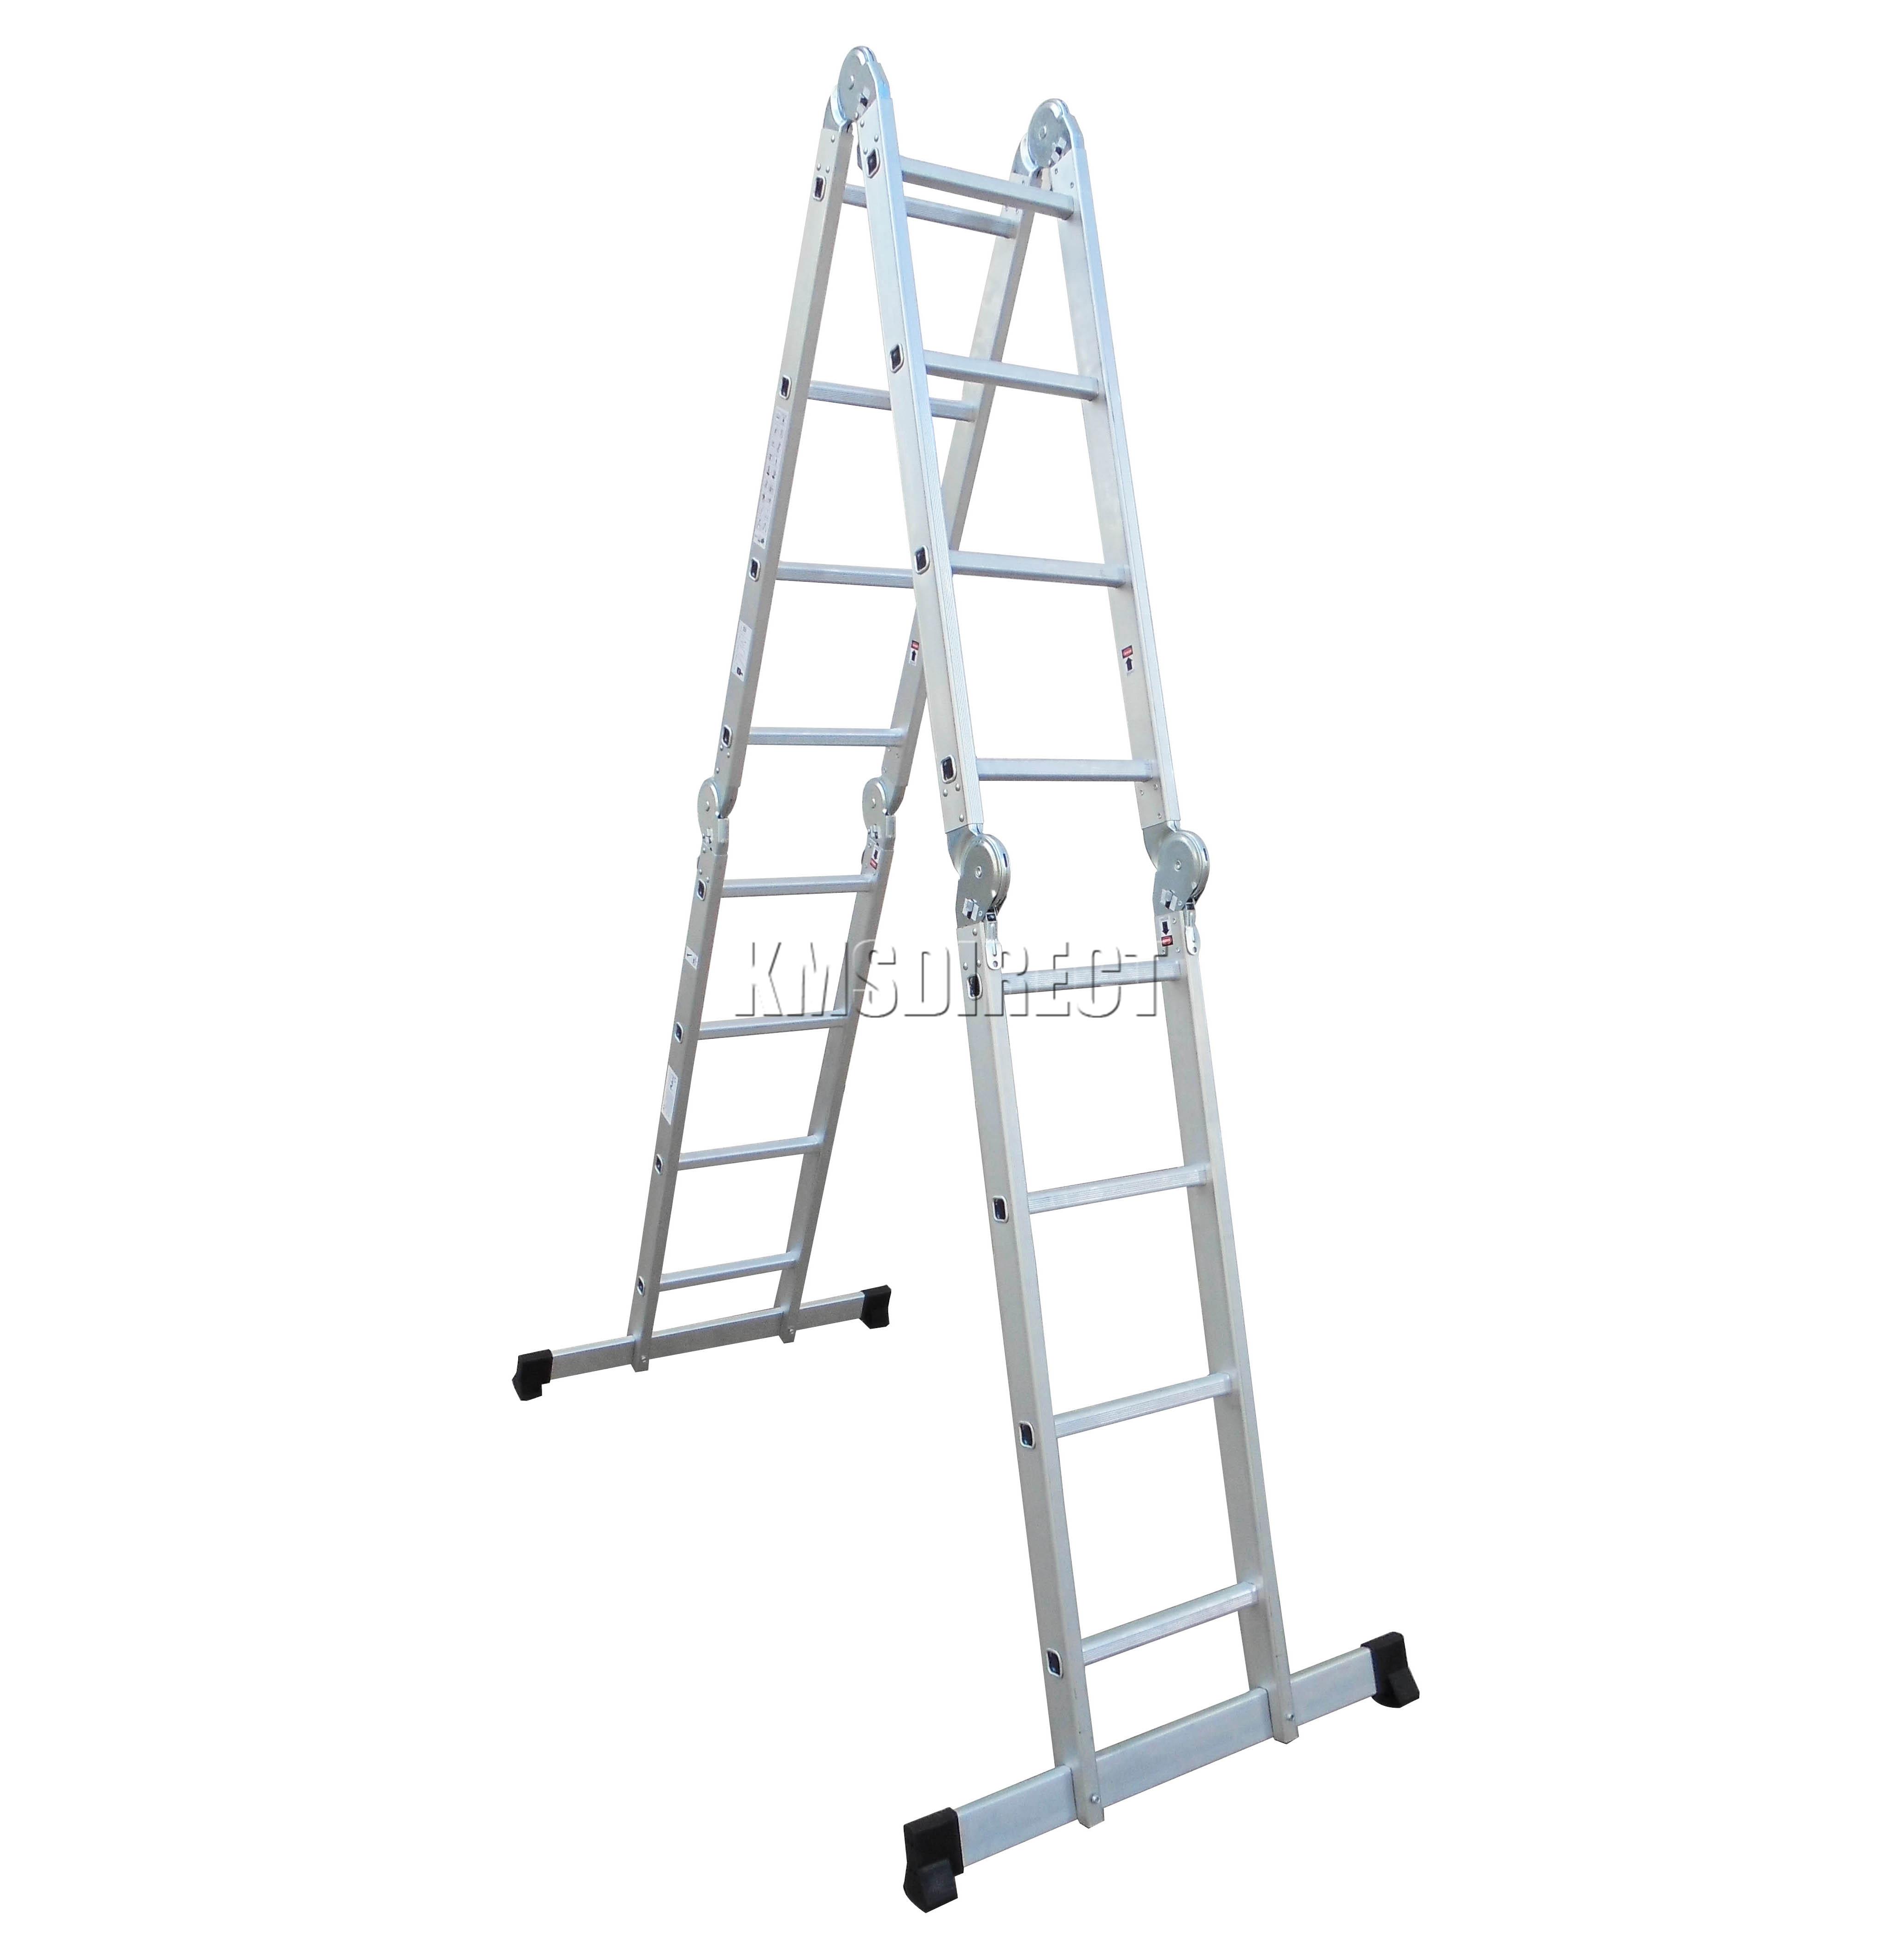 4 75m Multi Purpose Aluminium Extension Ladder Platform